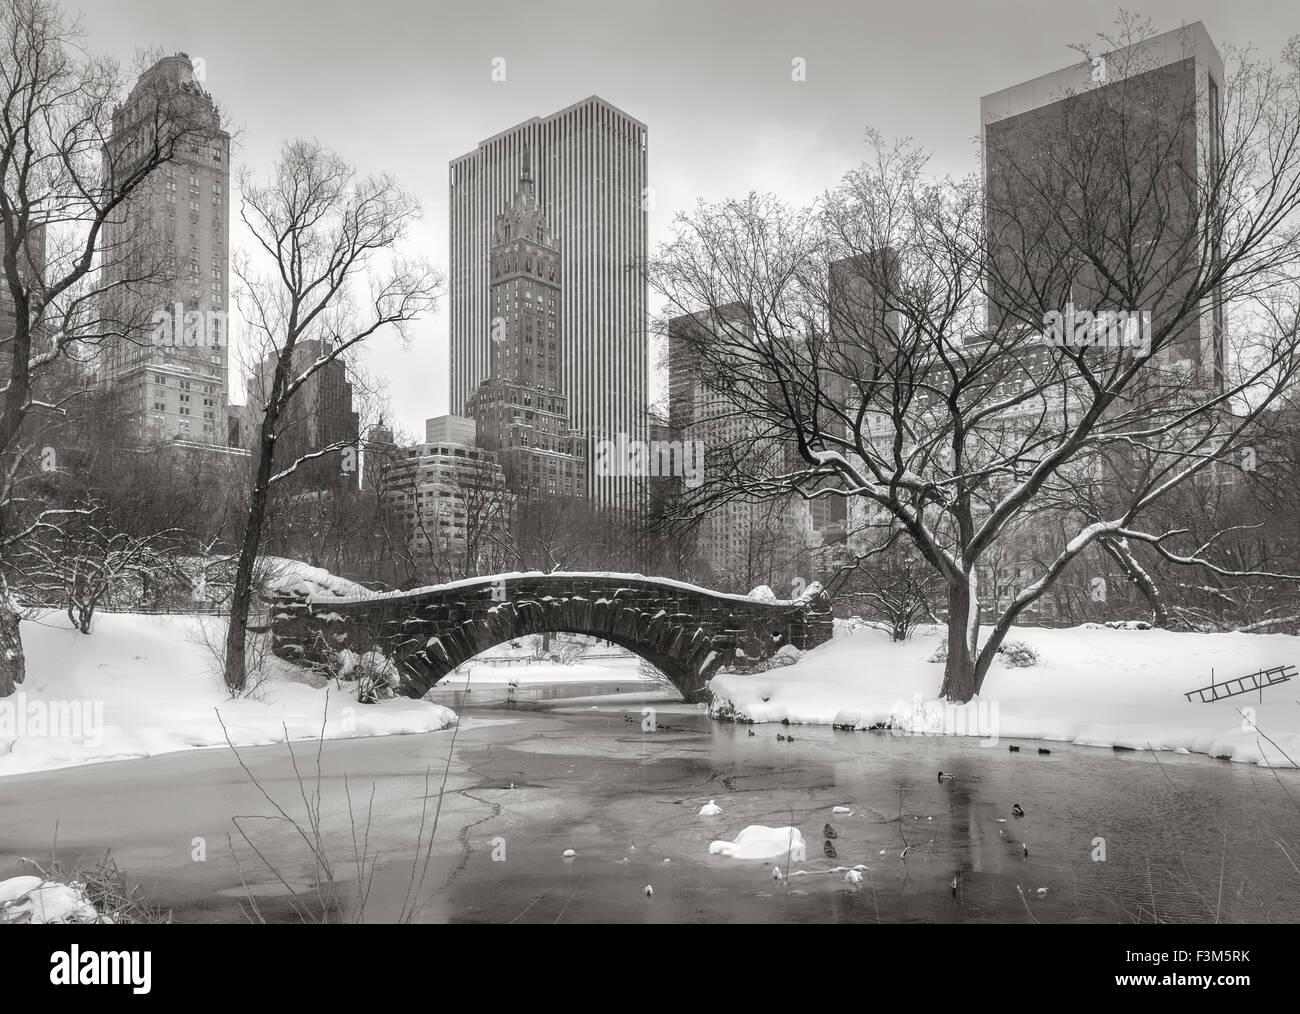 Central Park après une tempête avec l'étang gelé, et Gapstow Bridge couverte de neige. Grattes Photo Stock